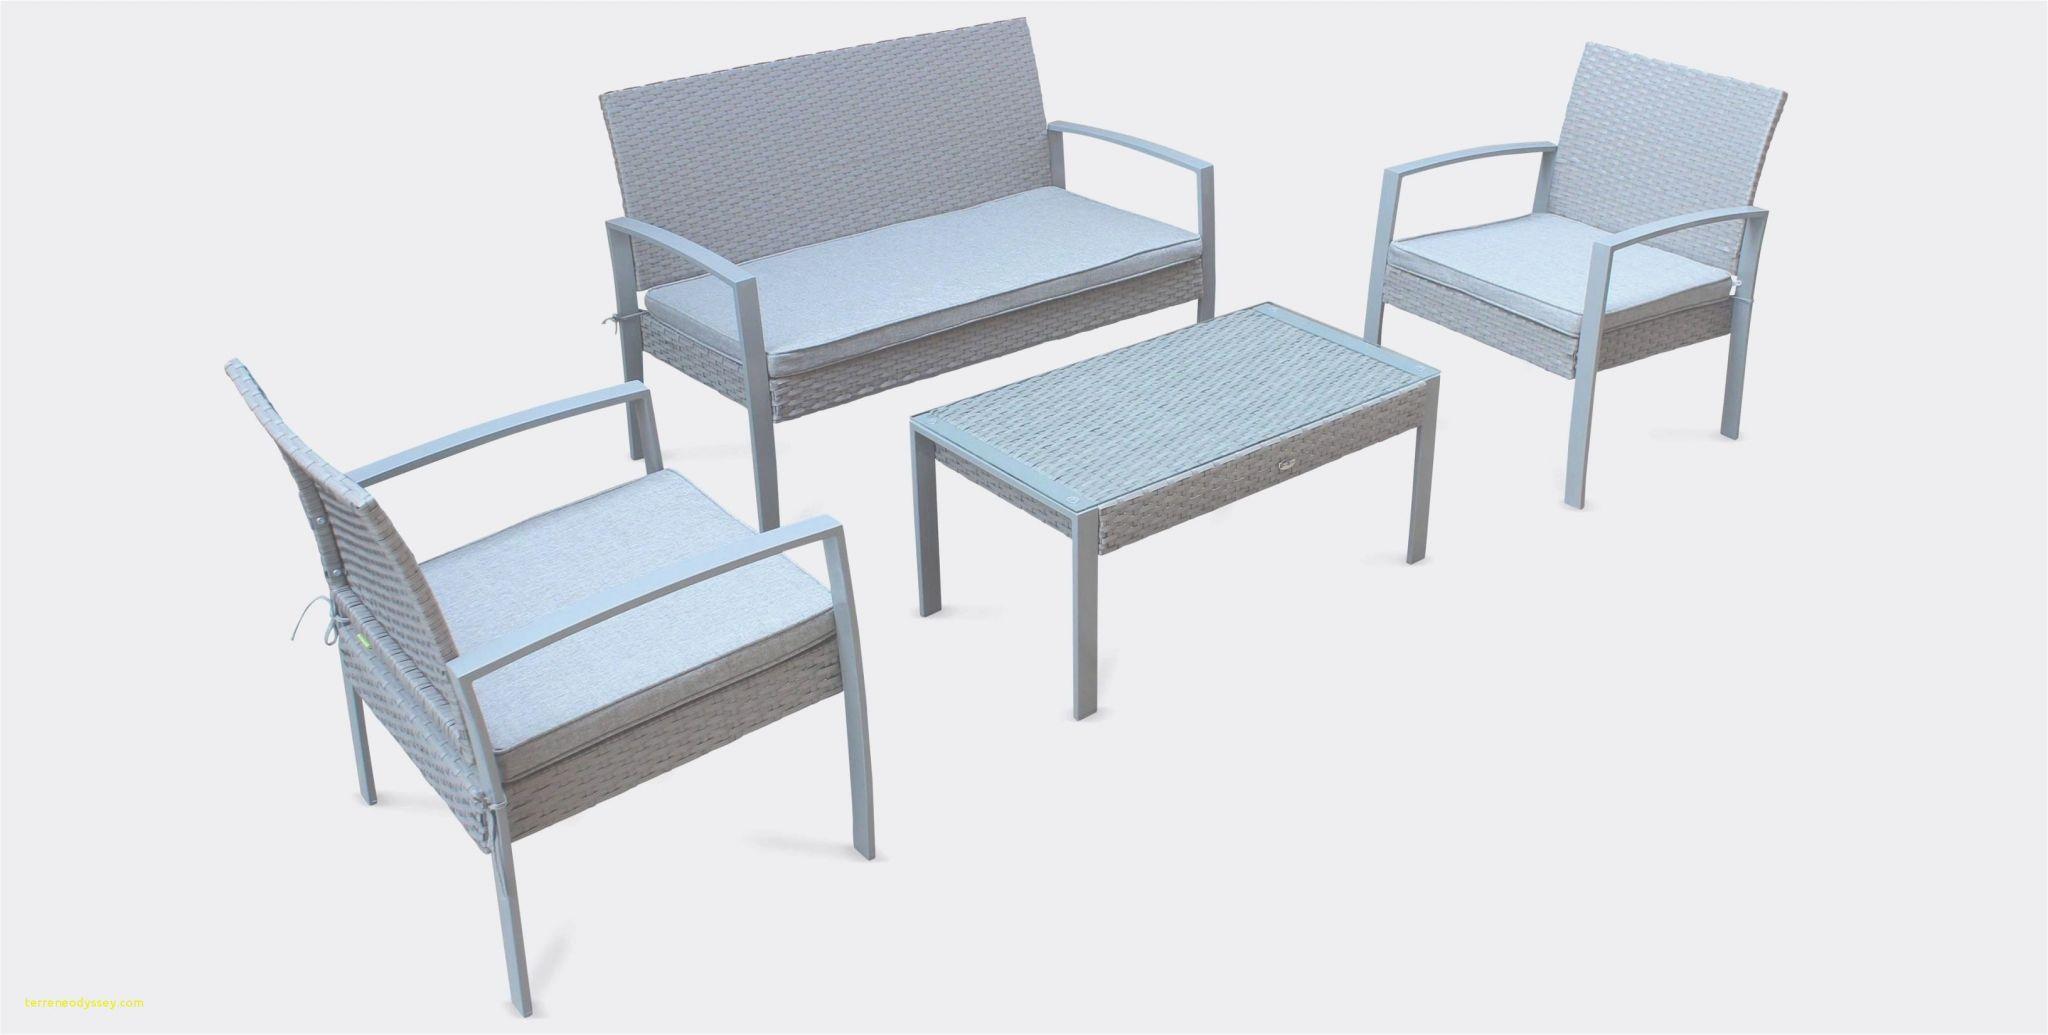 Résultat Supérieur Chaise Plastique Pas Cher Meilleur De ... concernant Table Et Chaise De Jardin Pas Cher En Plastique